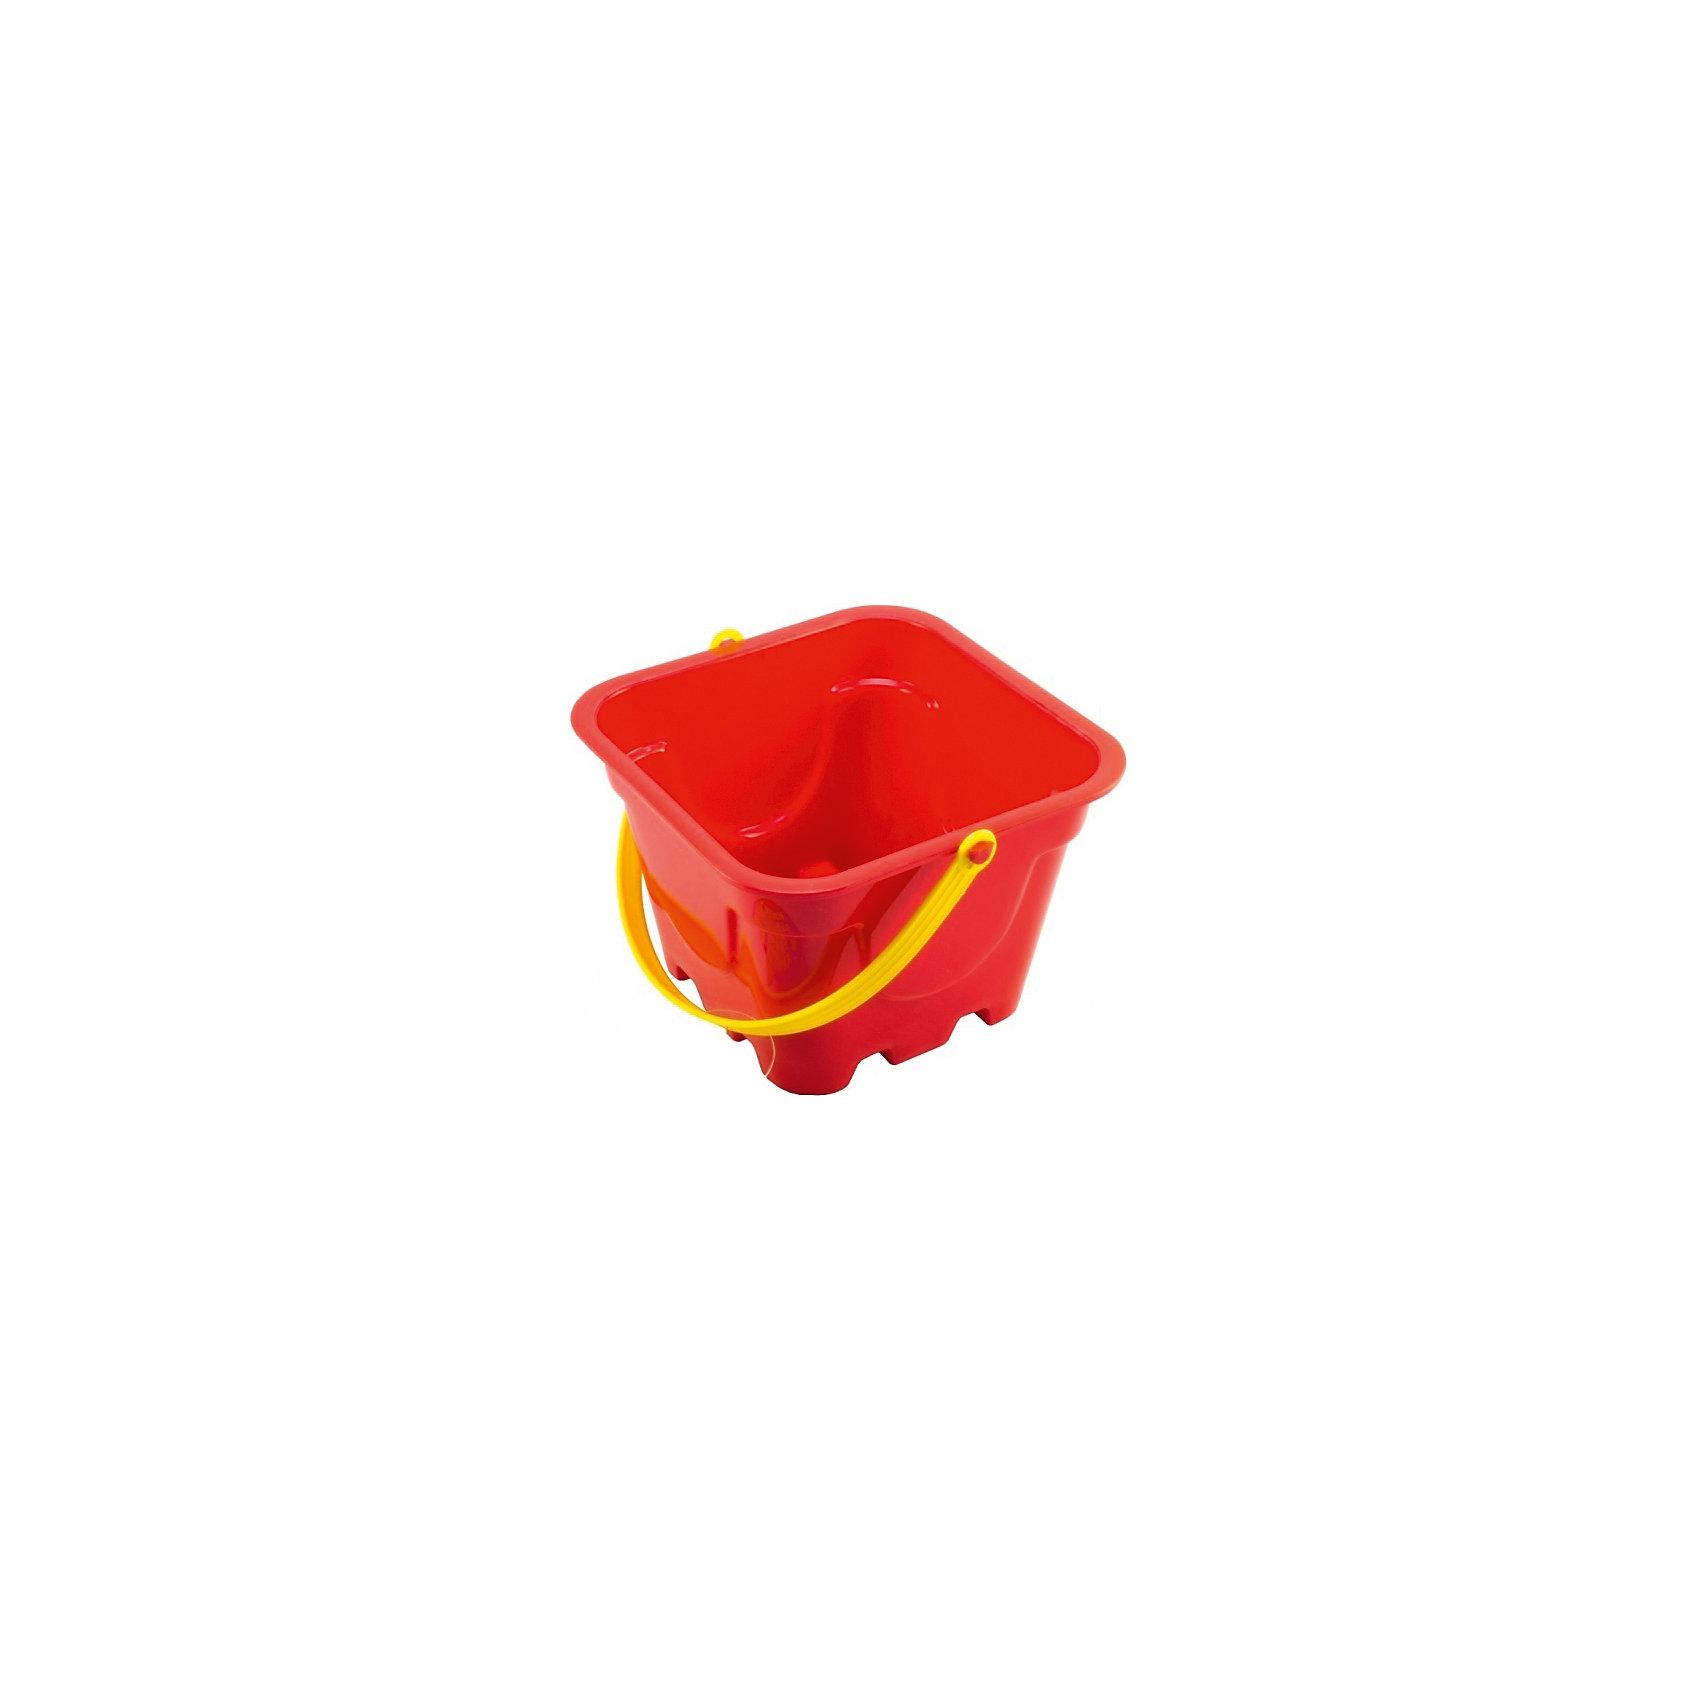 Ведерко, 15 см, ALTACTOИграем в песочнице<br>Детское ведерко, Altacto, прекрасно подойдет для игр в песочнице, его можно взять с собой на прогулку и на пляж. Ведерко прямоугольной формы выполнено в ярком привлекательном дизайне и имеет оптимальный размер, оснащено удобной ручкой для переноски. Вмещает в себя довольно много песка и воды, из которых можно выстроить сказочные замки и слепить куличики. Игрушка выполнена из экологически чистого и высококачественного материала, не содержащего в составе вредных красителей. <br> <br>Дополнительная информация:        <br><br>- Материал: пластик. <br>- Размер ведерка: 15 х 11 х 11 см.<br>- Вес: 98 гр.<br><br>Ведерко, 15 см., Altacto, можно купить в нашем интернет-магазине.<br><br>Ширина мм: 150<br>Глубина мм: 110<br>Высота мм: 110<br>Вес г: 98<br>Возраст от месяцев: 12<br>Возраст до месяцев: 36<br>Пол: Унисекс<br>Возраст: Детский<br>SKU: 4622248